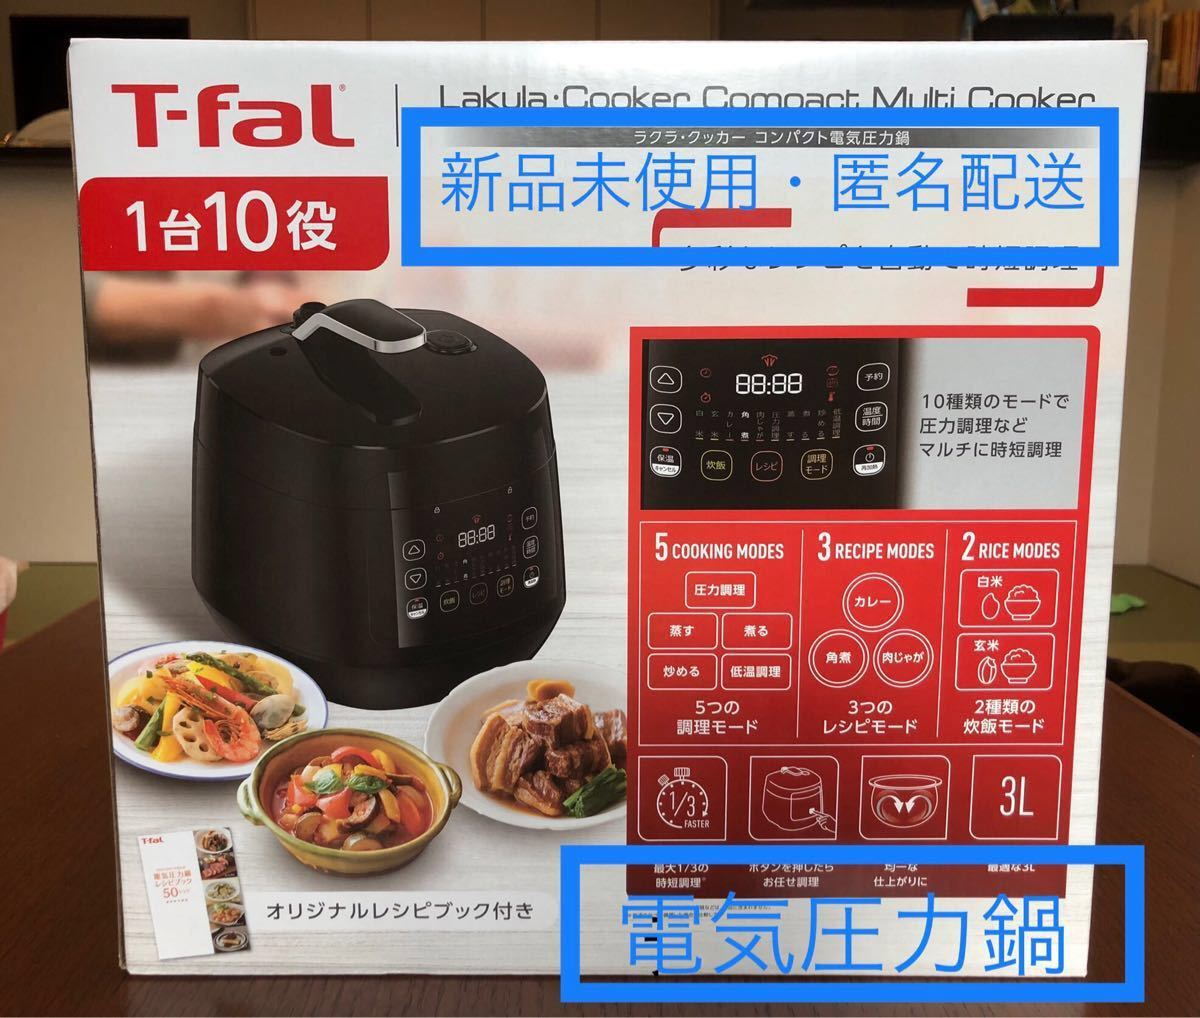 ティファール T-fal  コンパクト電気圧力鍋 ラクラ・クッカー CY3508JP ブラック【新品未使用】